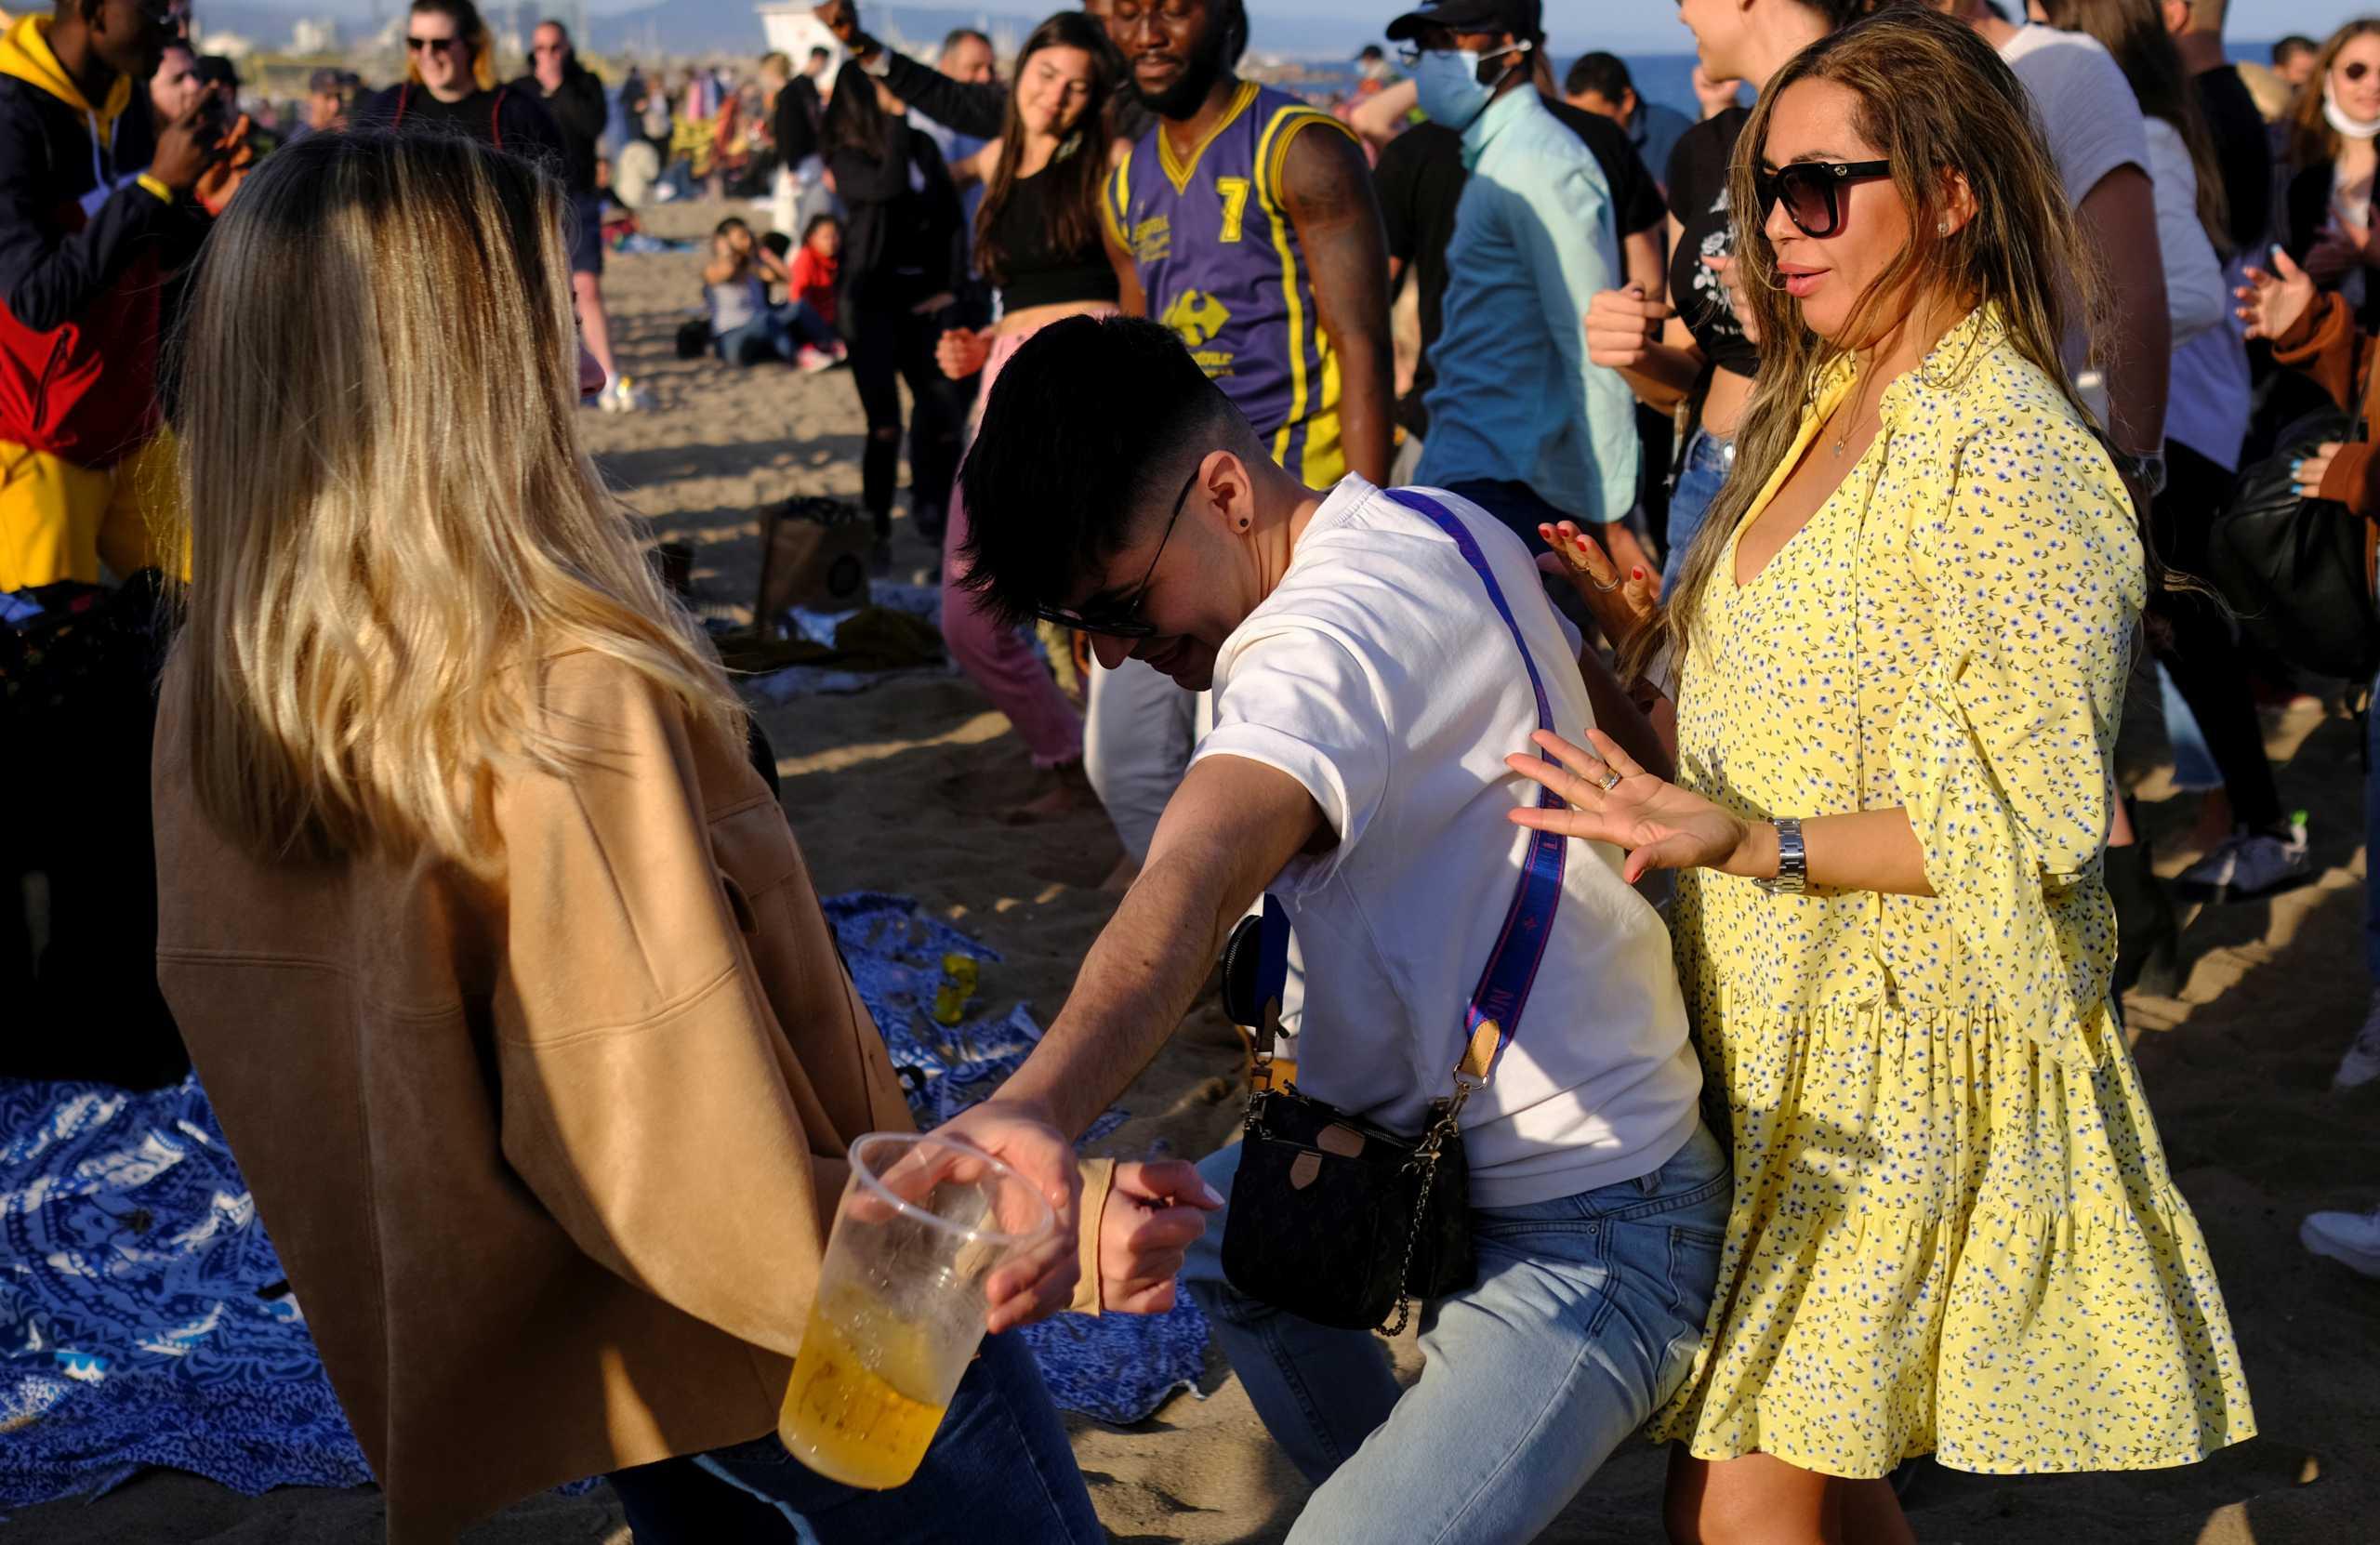 «Χάθηκε» από τον κόσμο η παραλία της Βαρκελώνης: Πάρτι χωρίς μάσκες και αποστάσεις